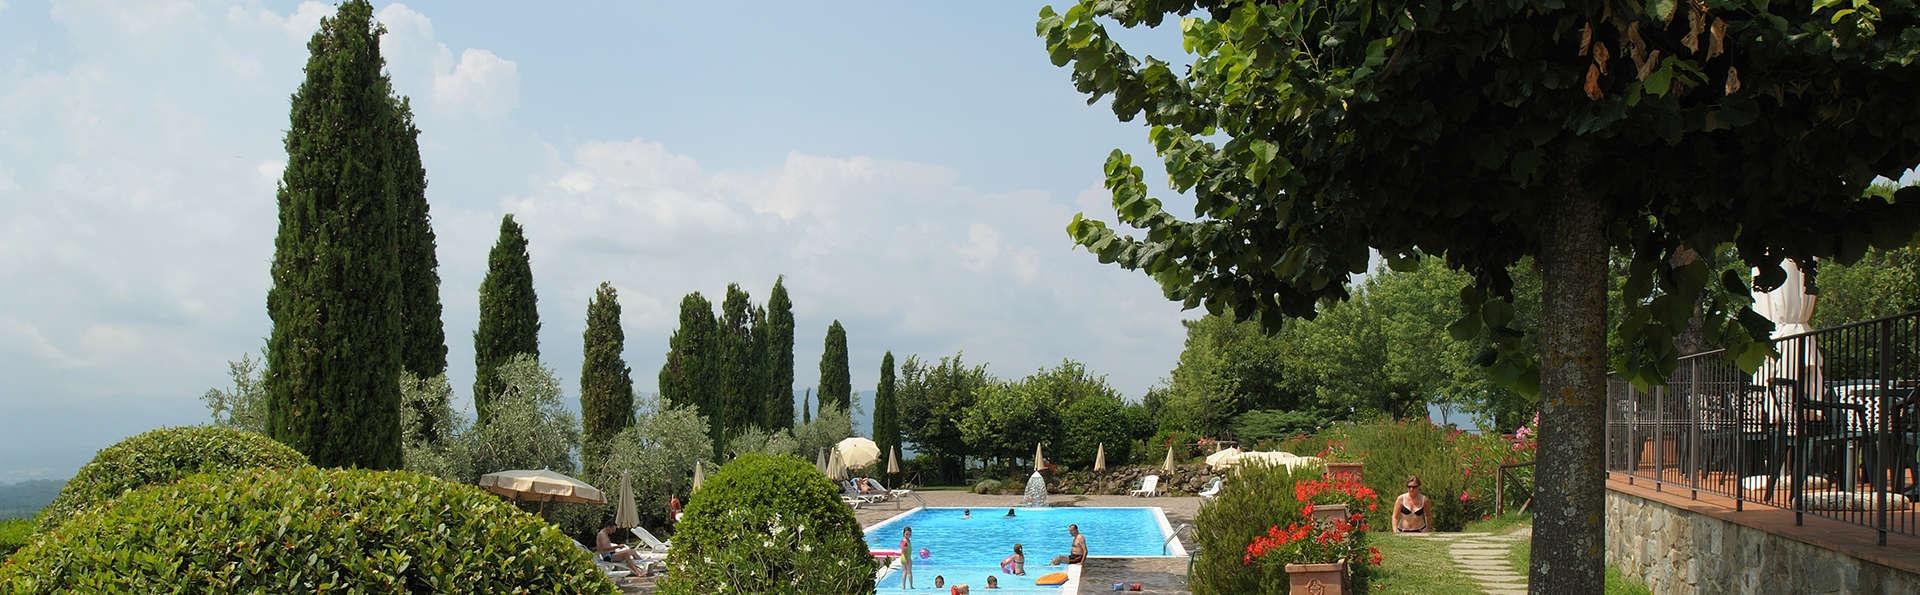 Découvrez le charme de la Toscane en pleine nature (à partir de 2 nuits)